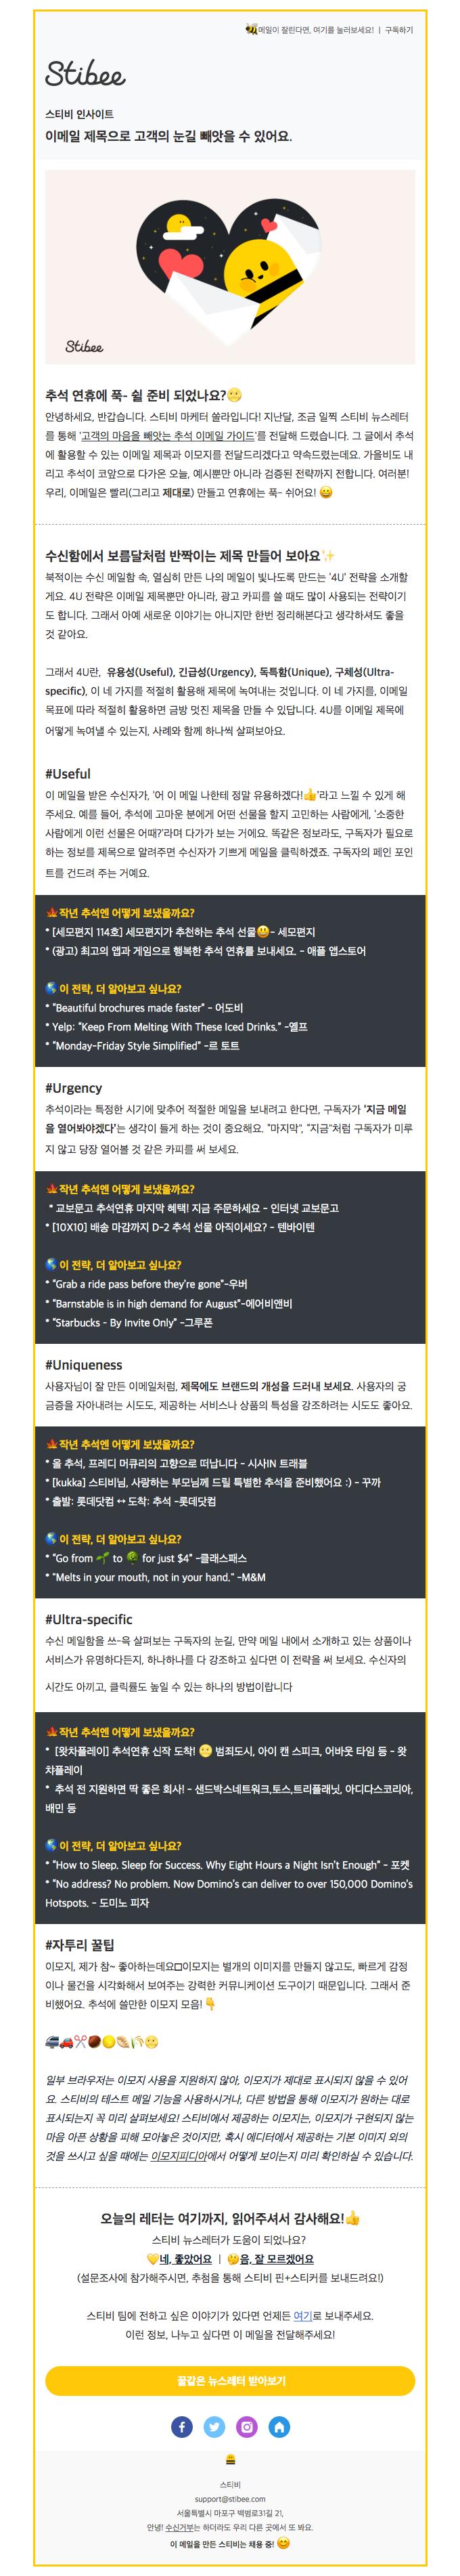 [인사이트] 🐝약속드렸던 꿀 소식 가져왔어요- 카피라이팅 4U 전략